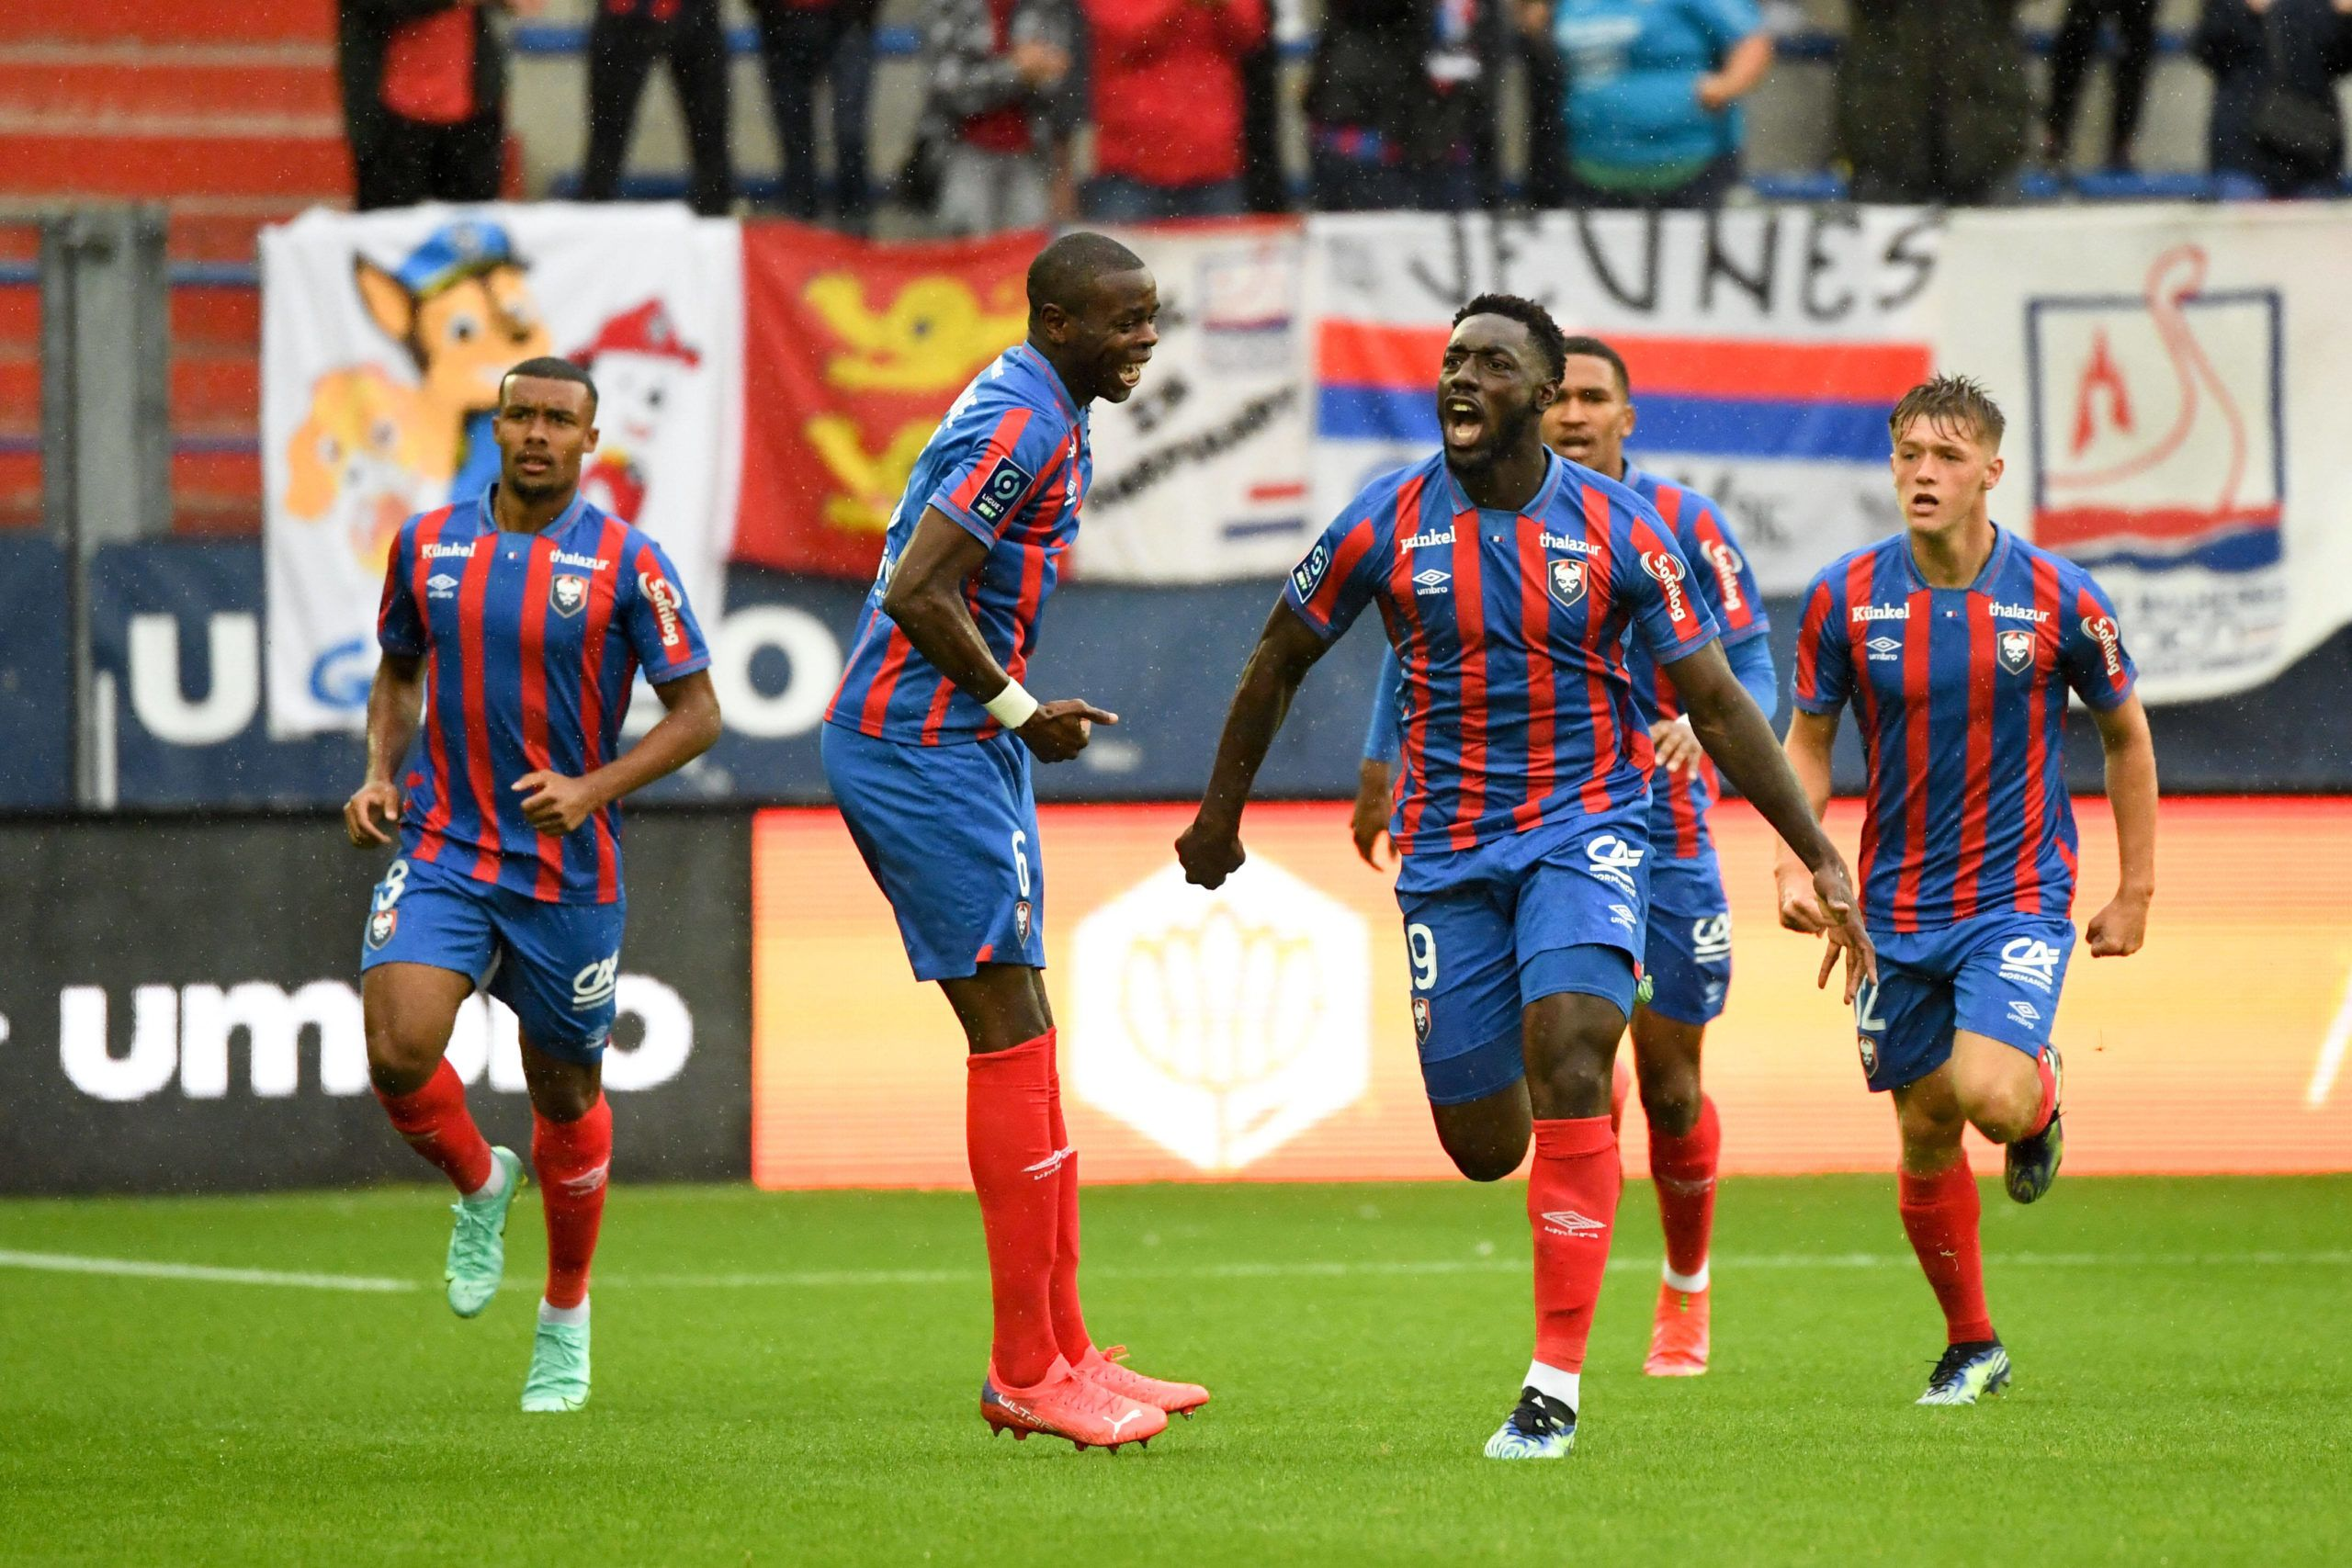 Sur quelle chaîne et à quelle heure suivre le match entre Bastia et Caen ?